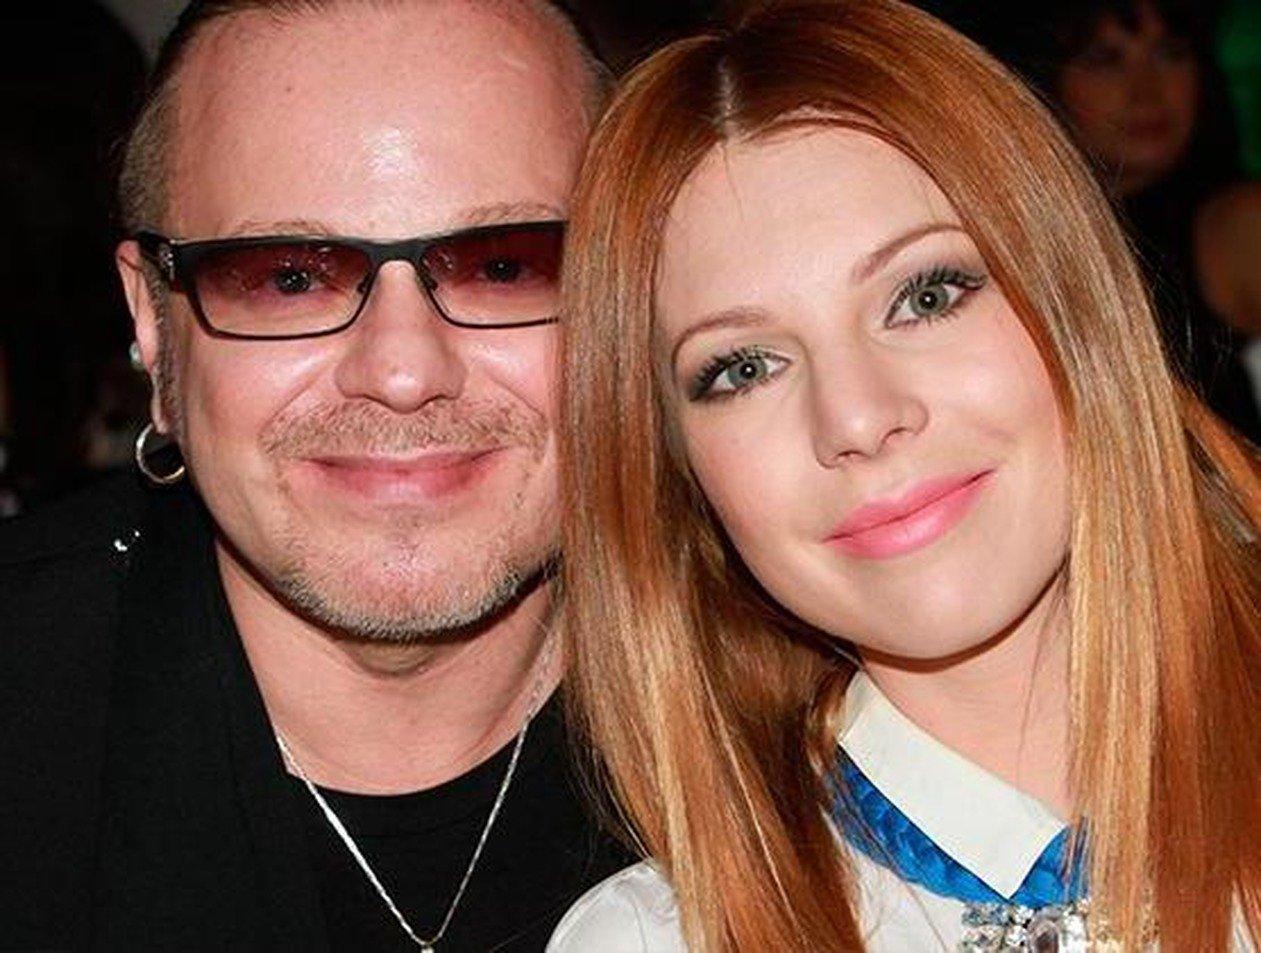 СМИ: Наталья Подольская ждет второго ребенка от Преснякова